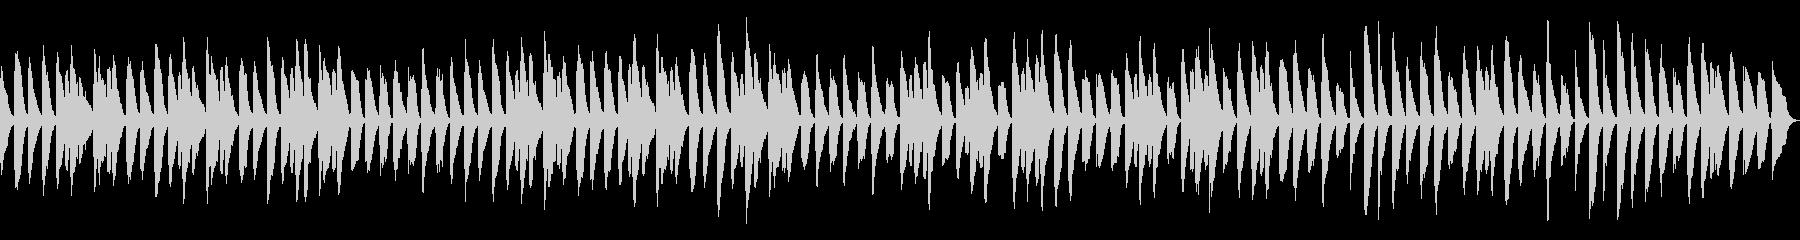 木琴とピアノのほのぼのした日常BGMの未再生の波形